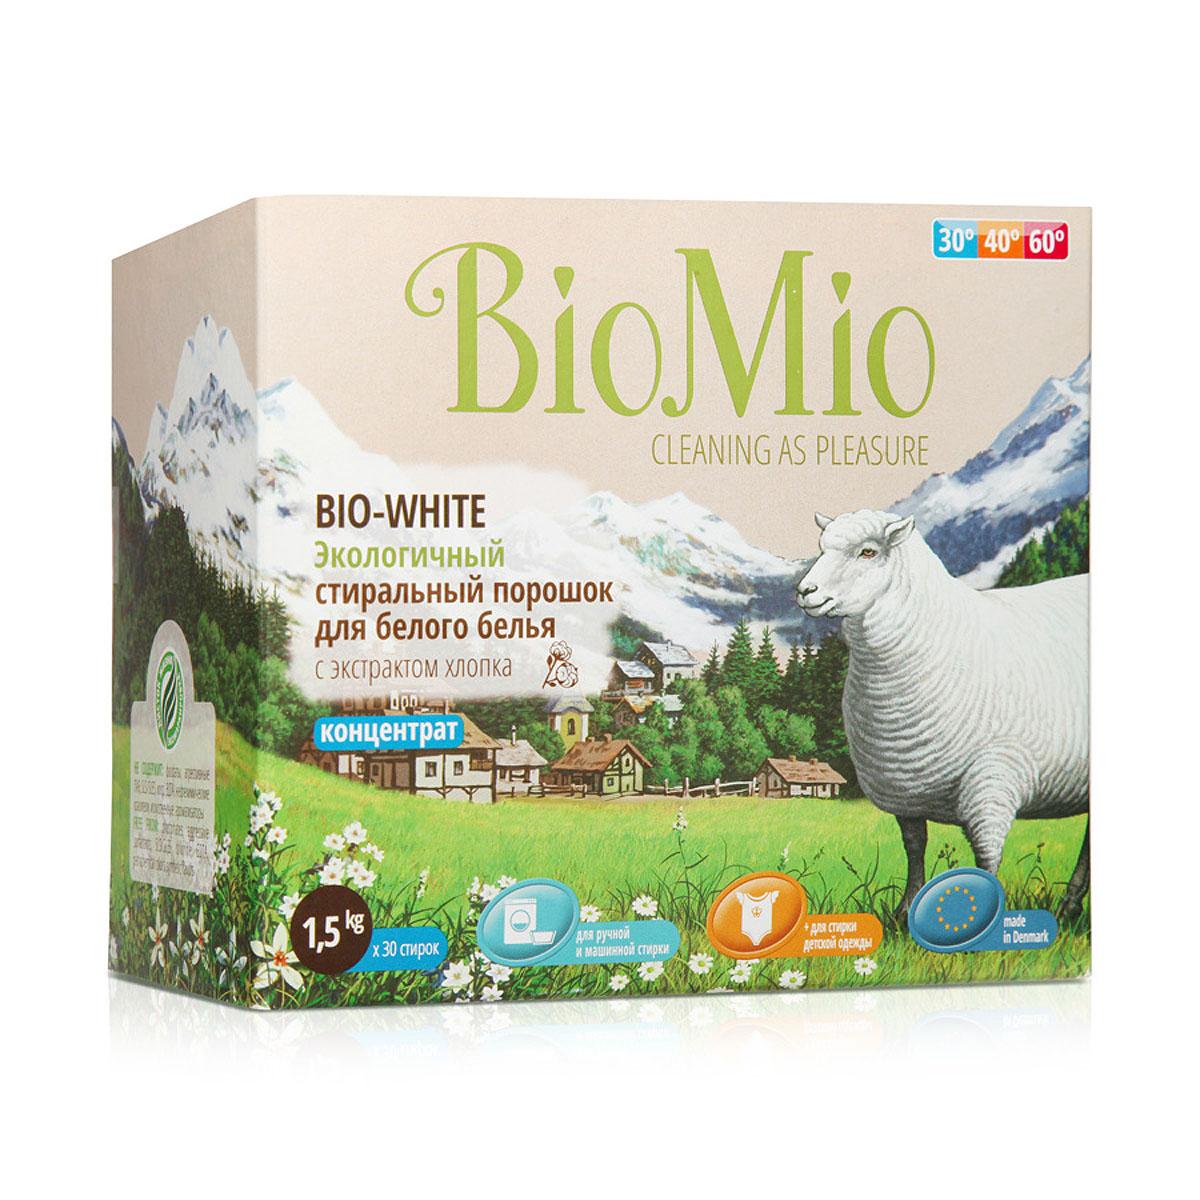 Экологичный стиральный порошок BioMio, для белого белья, с экстрактом хлопка, 1,5 кг531-402Экологичный стиральный порошок BioMio эффективно удаляет пятна и загрязнения, не повреждая волокна ткани. Подходит для ручной и машинной стирки. Концентрированная формула обеспечивает экономичный расход. Идеально подходит для стирки детского белья и одежды людей с чувствительной кожей. Полностью выполаскивается, исключает попадание на кожу моющих средств, способных вызывать раздражение чувствительной кожи. Средство без запаха не содержит эфирных масел, что делает его абсолютно безопасным для детской одежды. Не содержит вредных светоотражающих частиц, которые создают иллюзию чистоты и белизны. Безопасен для планеты. Не содержит: фосфаты, агрессивные ПАВ, SLS/SLES, хлор, EDTA, нефтехимические красители, искусственные ароматизаторыBioMio - линейка эффективных средств для дома, использование которых приносит только удовольствие. Уборка помогает не только очистить и гармонизировать свое пространство, но и себя, свои мысли, поэтому важно ее делать с радостью. Средства, созданные с любовью и заботой, помогут в этом и идеально справятся с загрязнениями, оставаясь при этом абсолютно безопасными и экологичными. Средства BioMio незаменимы, если в доме есть ребенок. Характеристики:Состав: 15-30% кислородный отбеливатель; 5-15% цеолиты, неионогенные ПАВ; Вес: 1,5 кг. Товар сертифицирован.